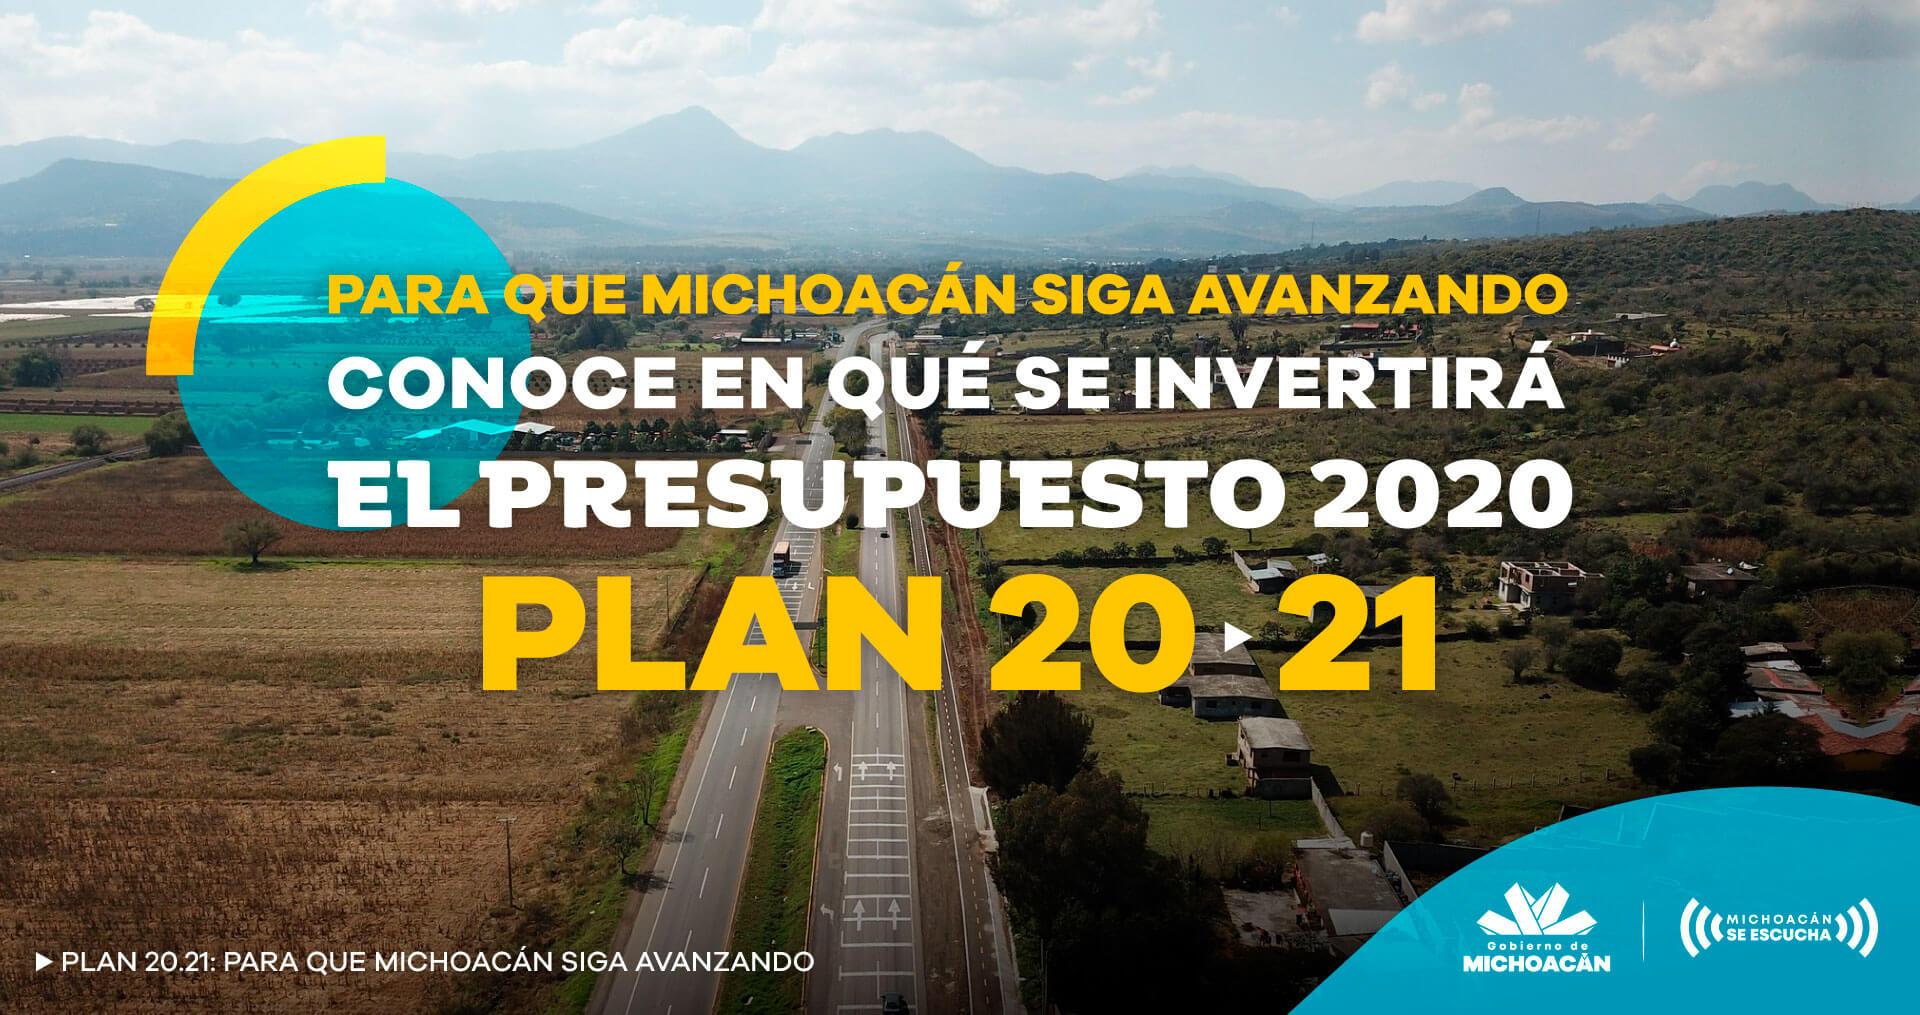 presupuesto plan 20 21